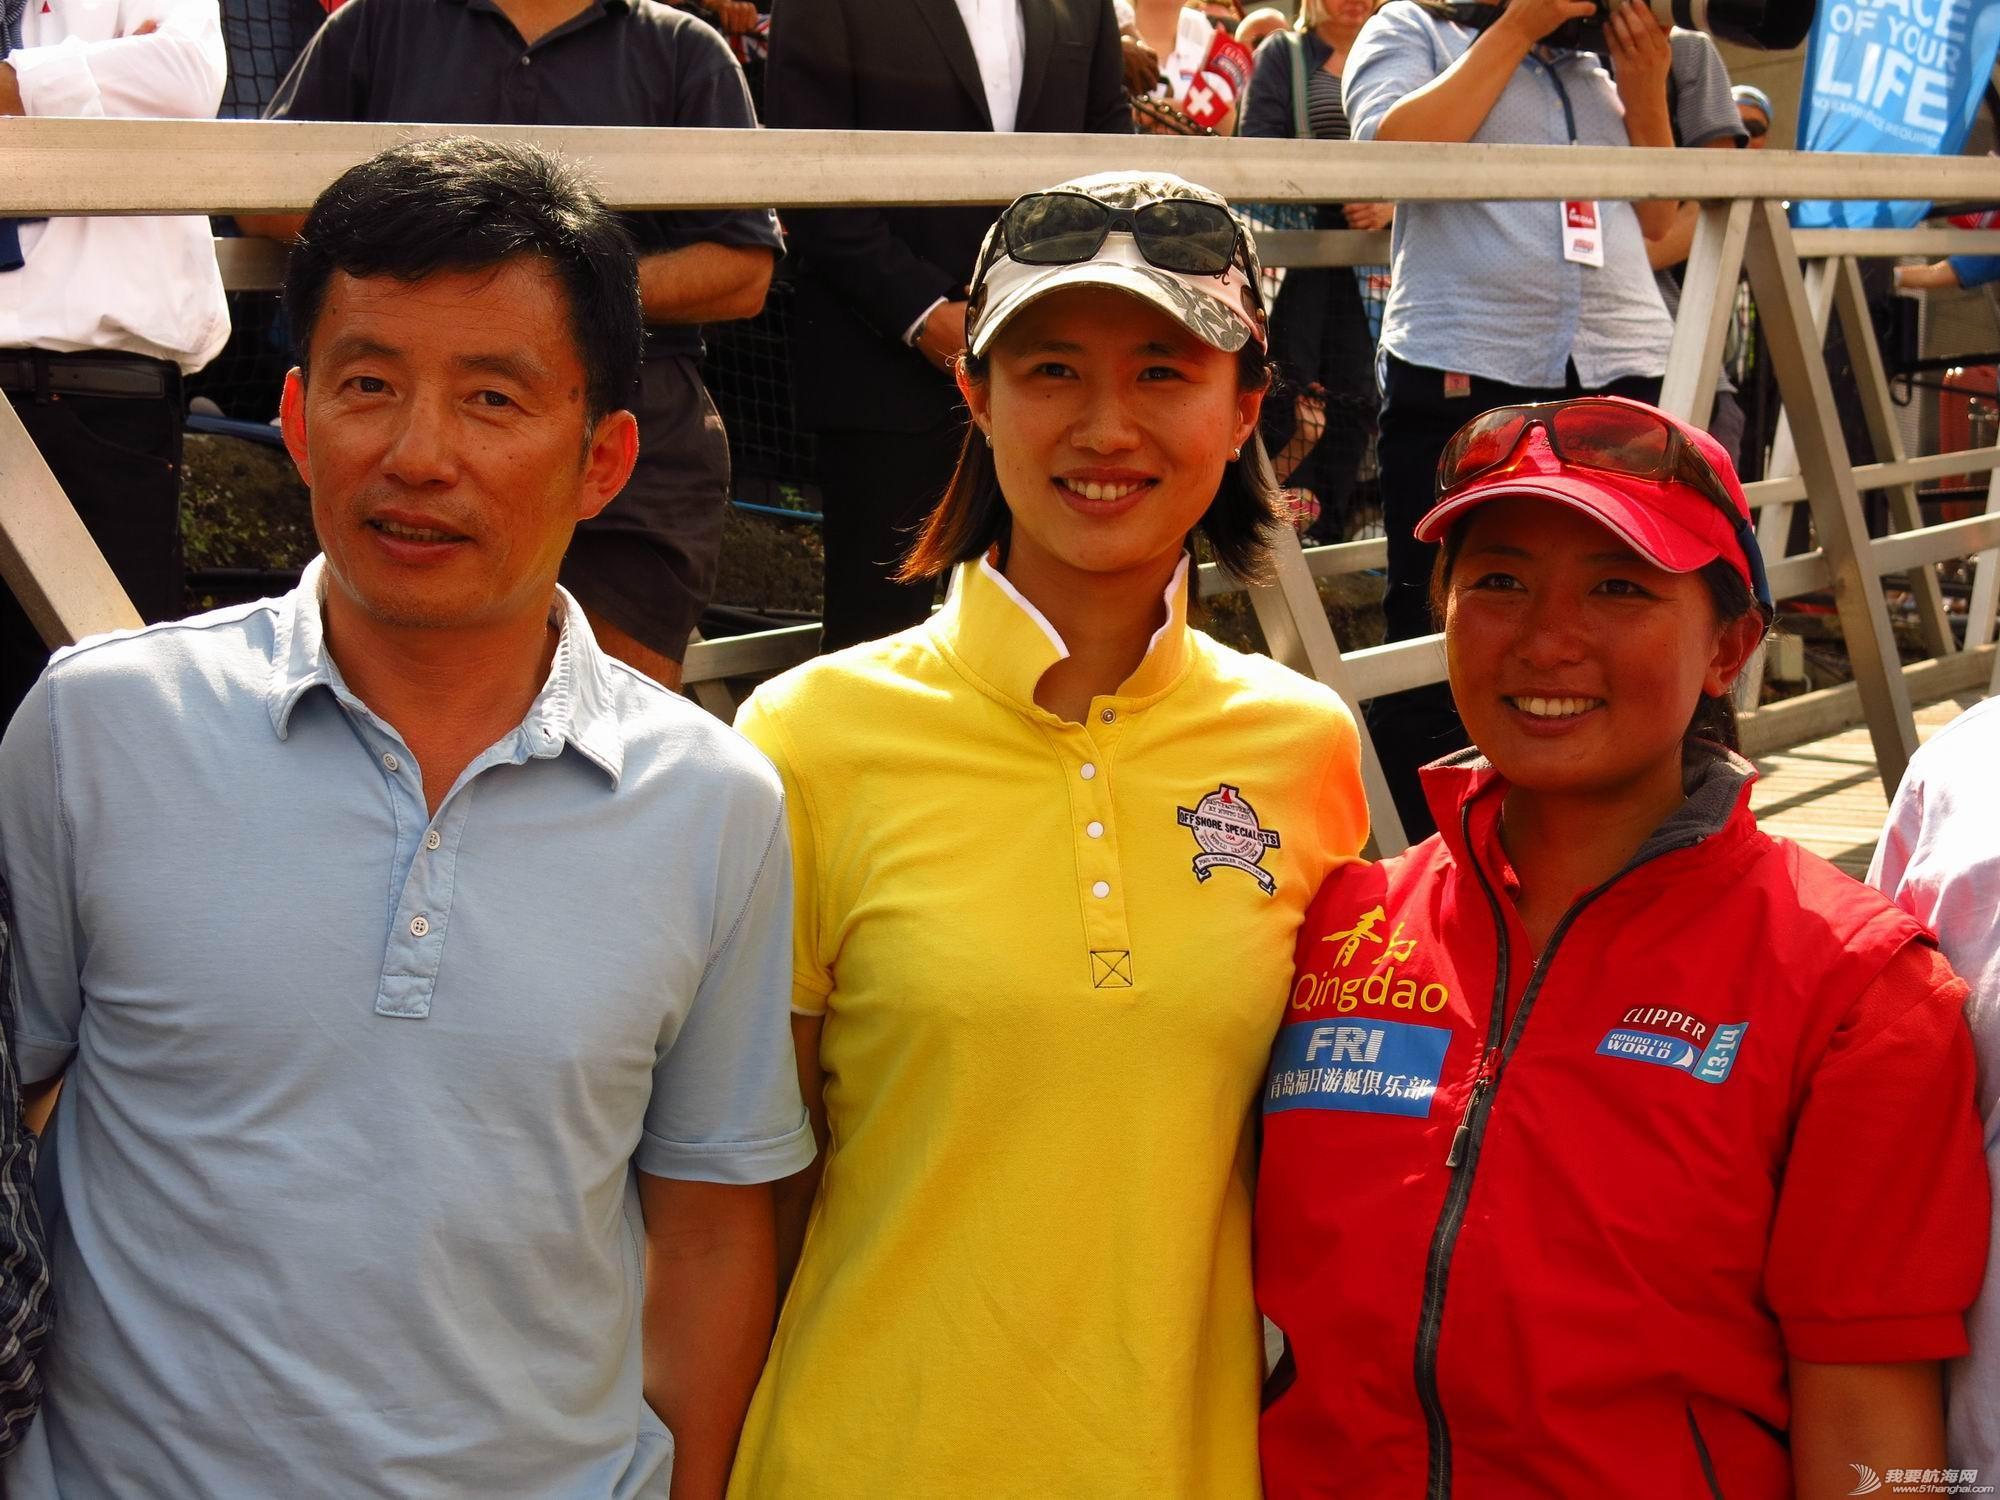 奥运冠军,大不列颠,泰晤士河,航海家,徐莉佳 中国姑娘宋坤顺利完成克利伯环球帆船赛,成为中国第一位完成帆船赛环球航行的女水手。 hh.jpg